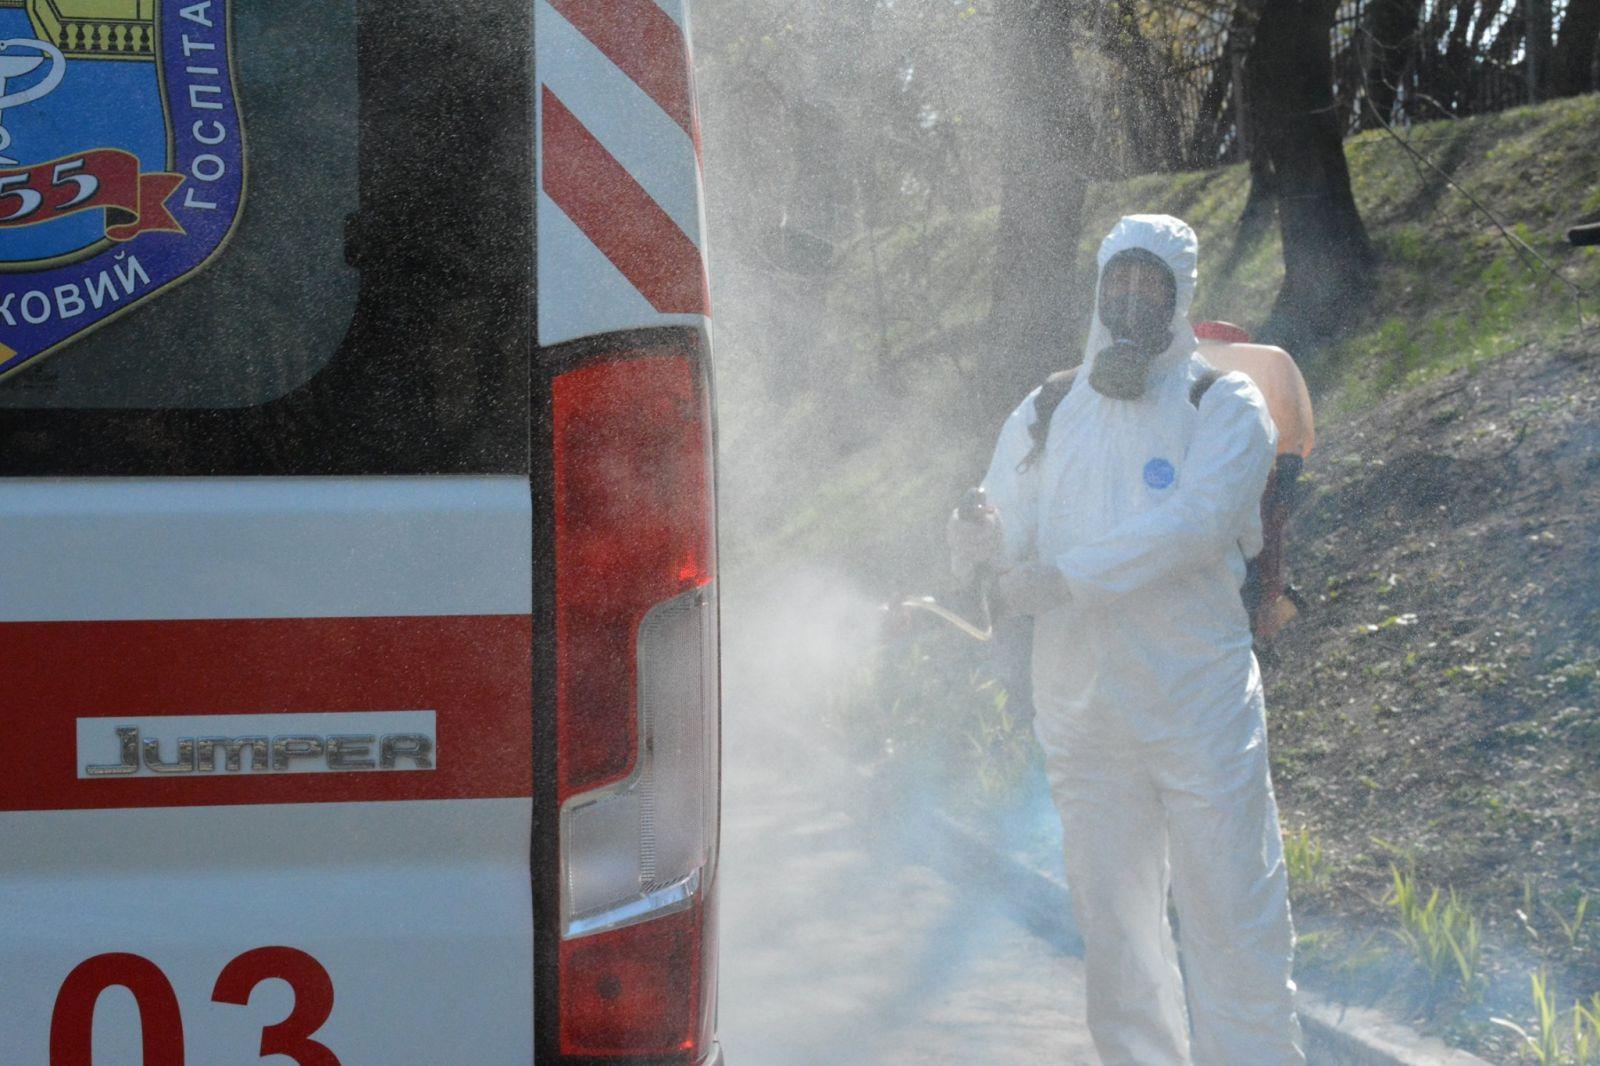 Коронавирус в ВСУ: двое военных инфицированы, почти 140 — на изоляции. Фото: Медицинские силы ВСУ